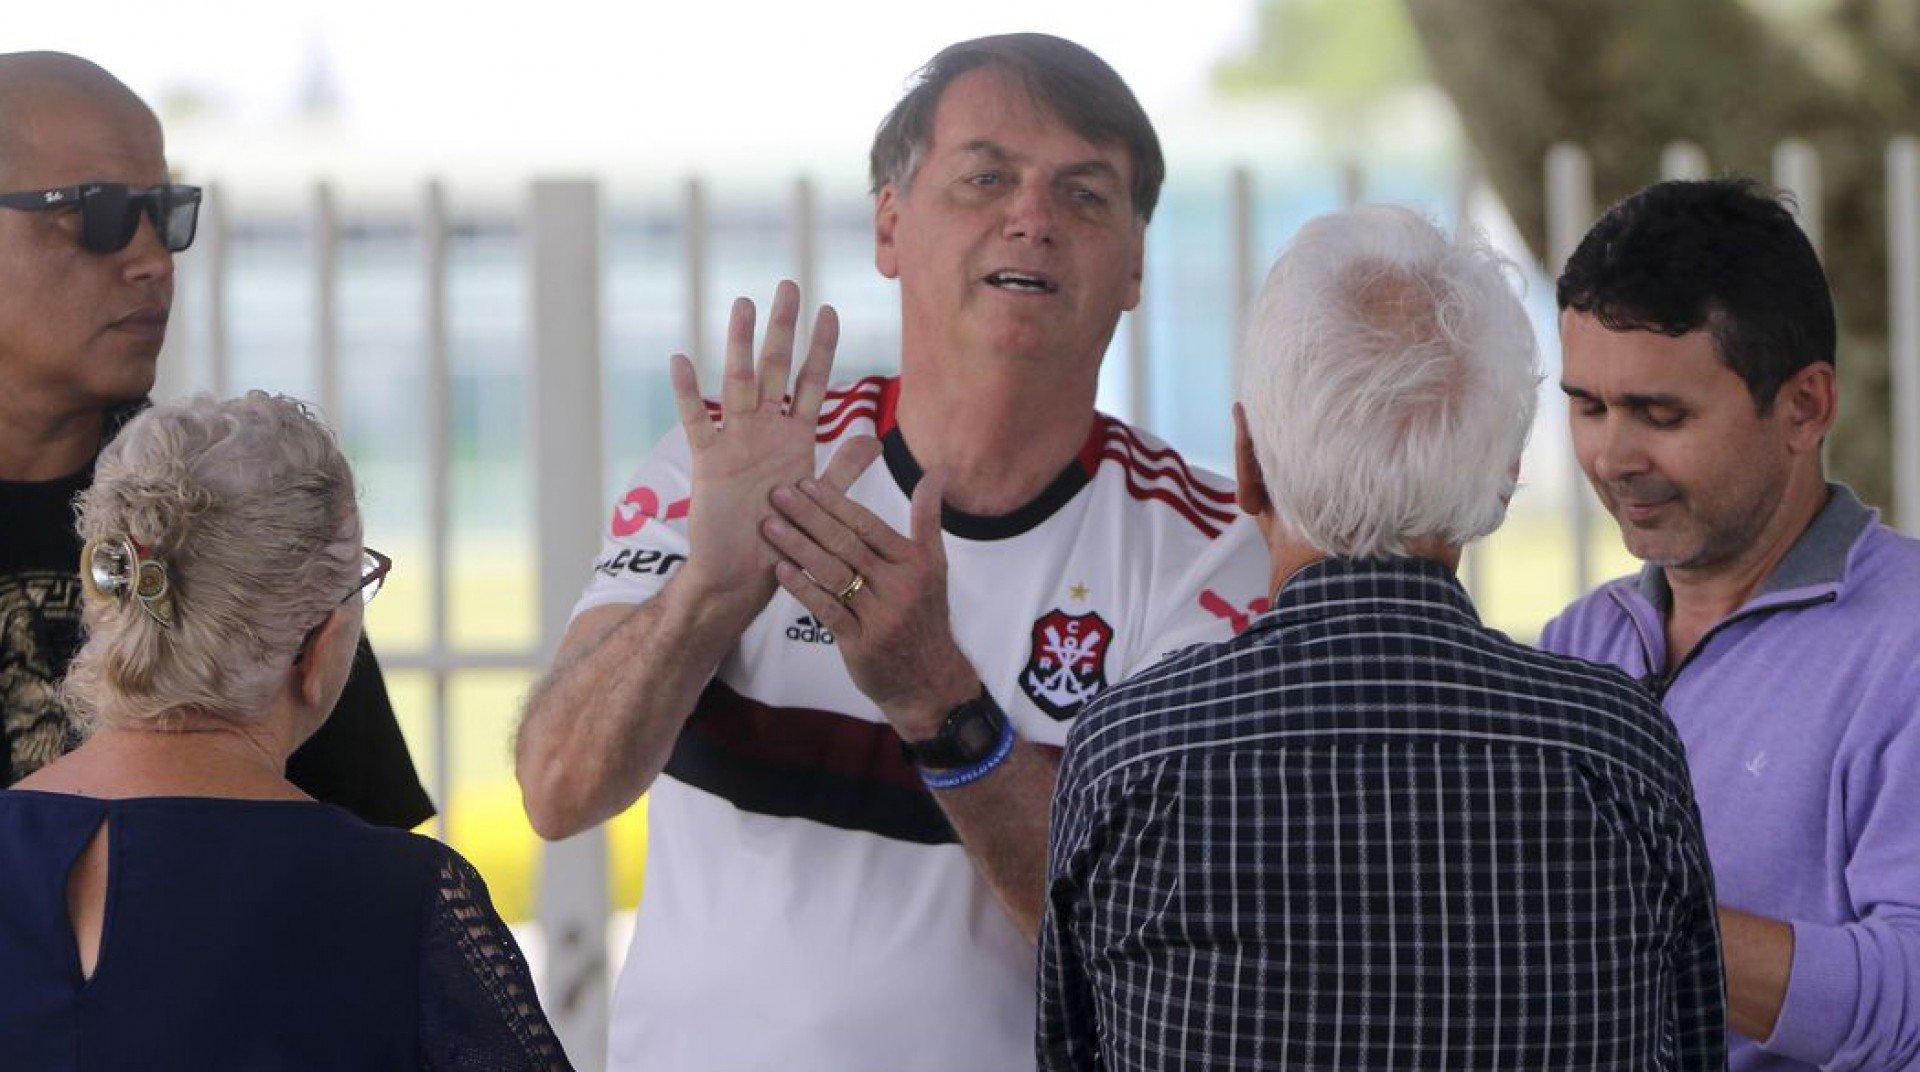 Vídeo! Bolsonaro acerta placar de vitória do Flamengo e diz torcer por final da Libertadores no Brasil